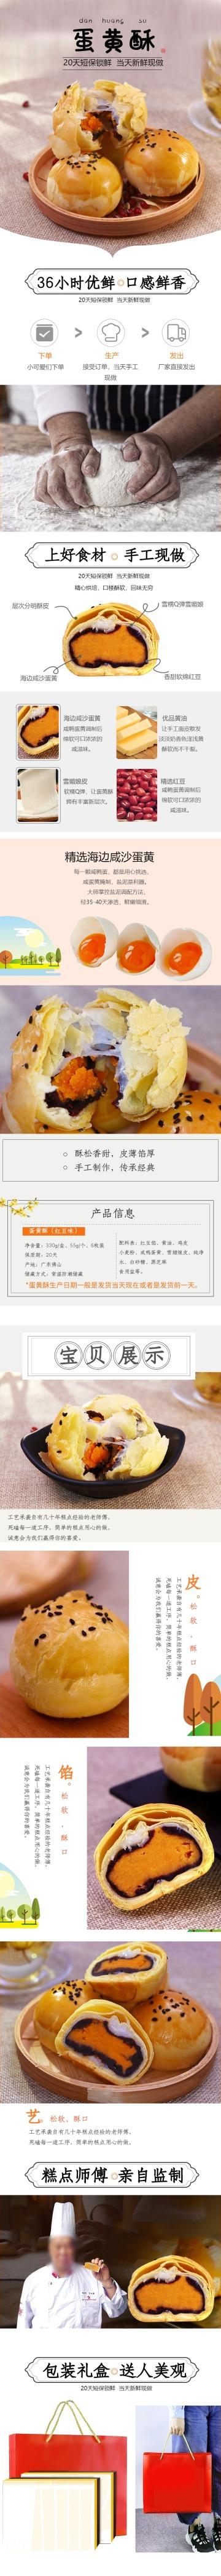 清新简约百货零售零食蛋黄酥促销电商详情页